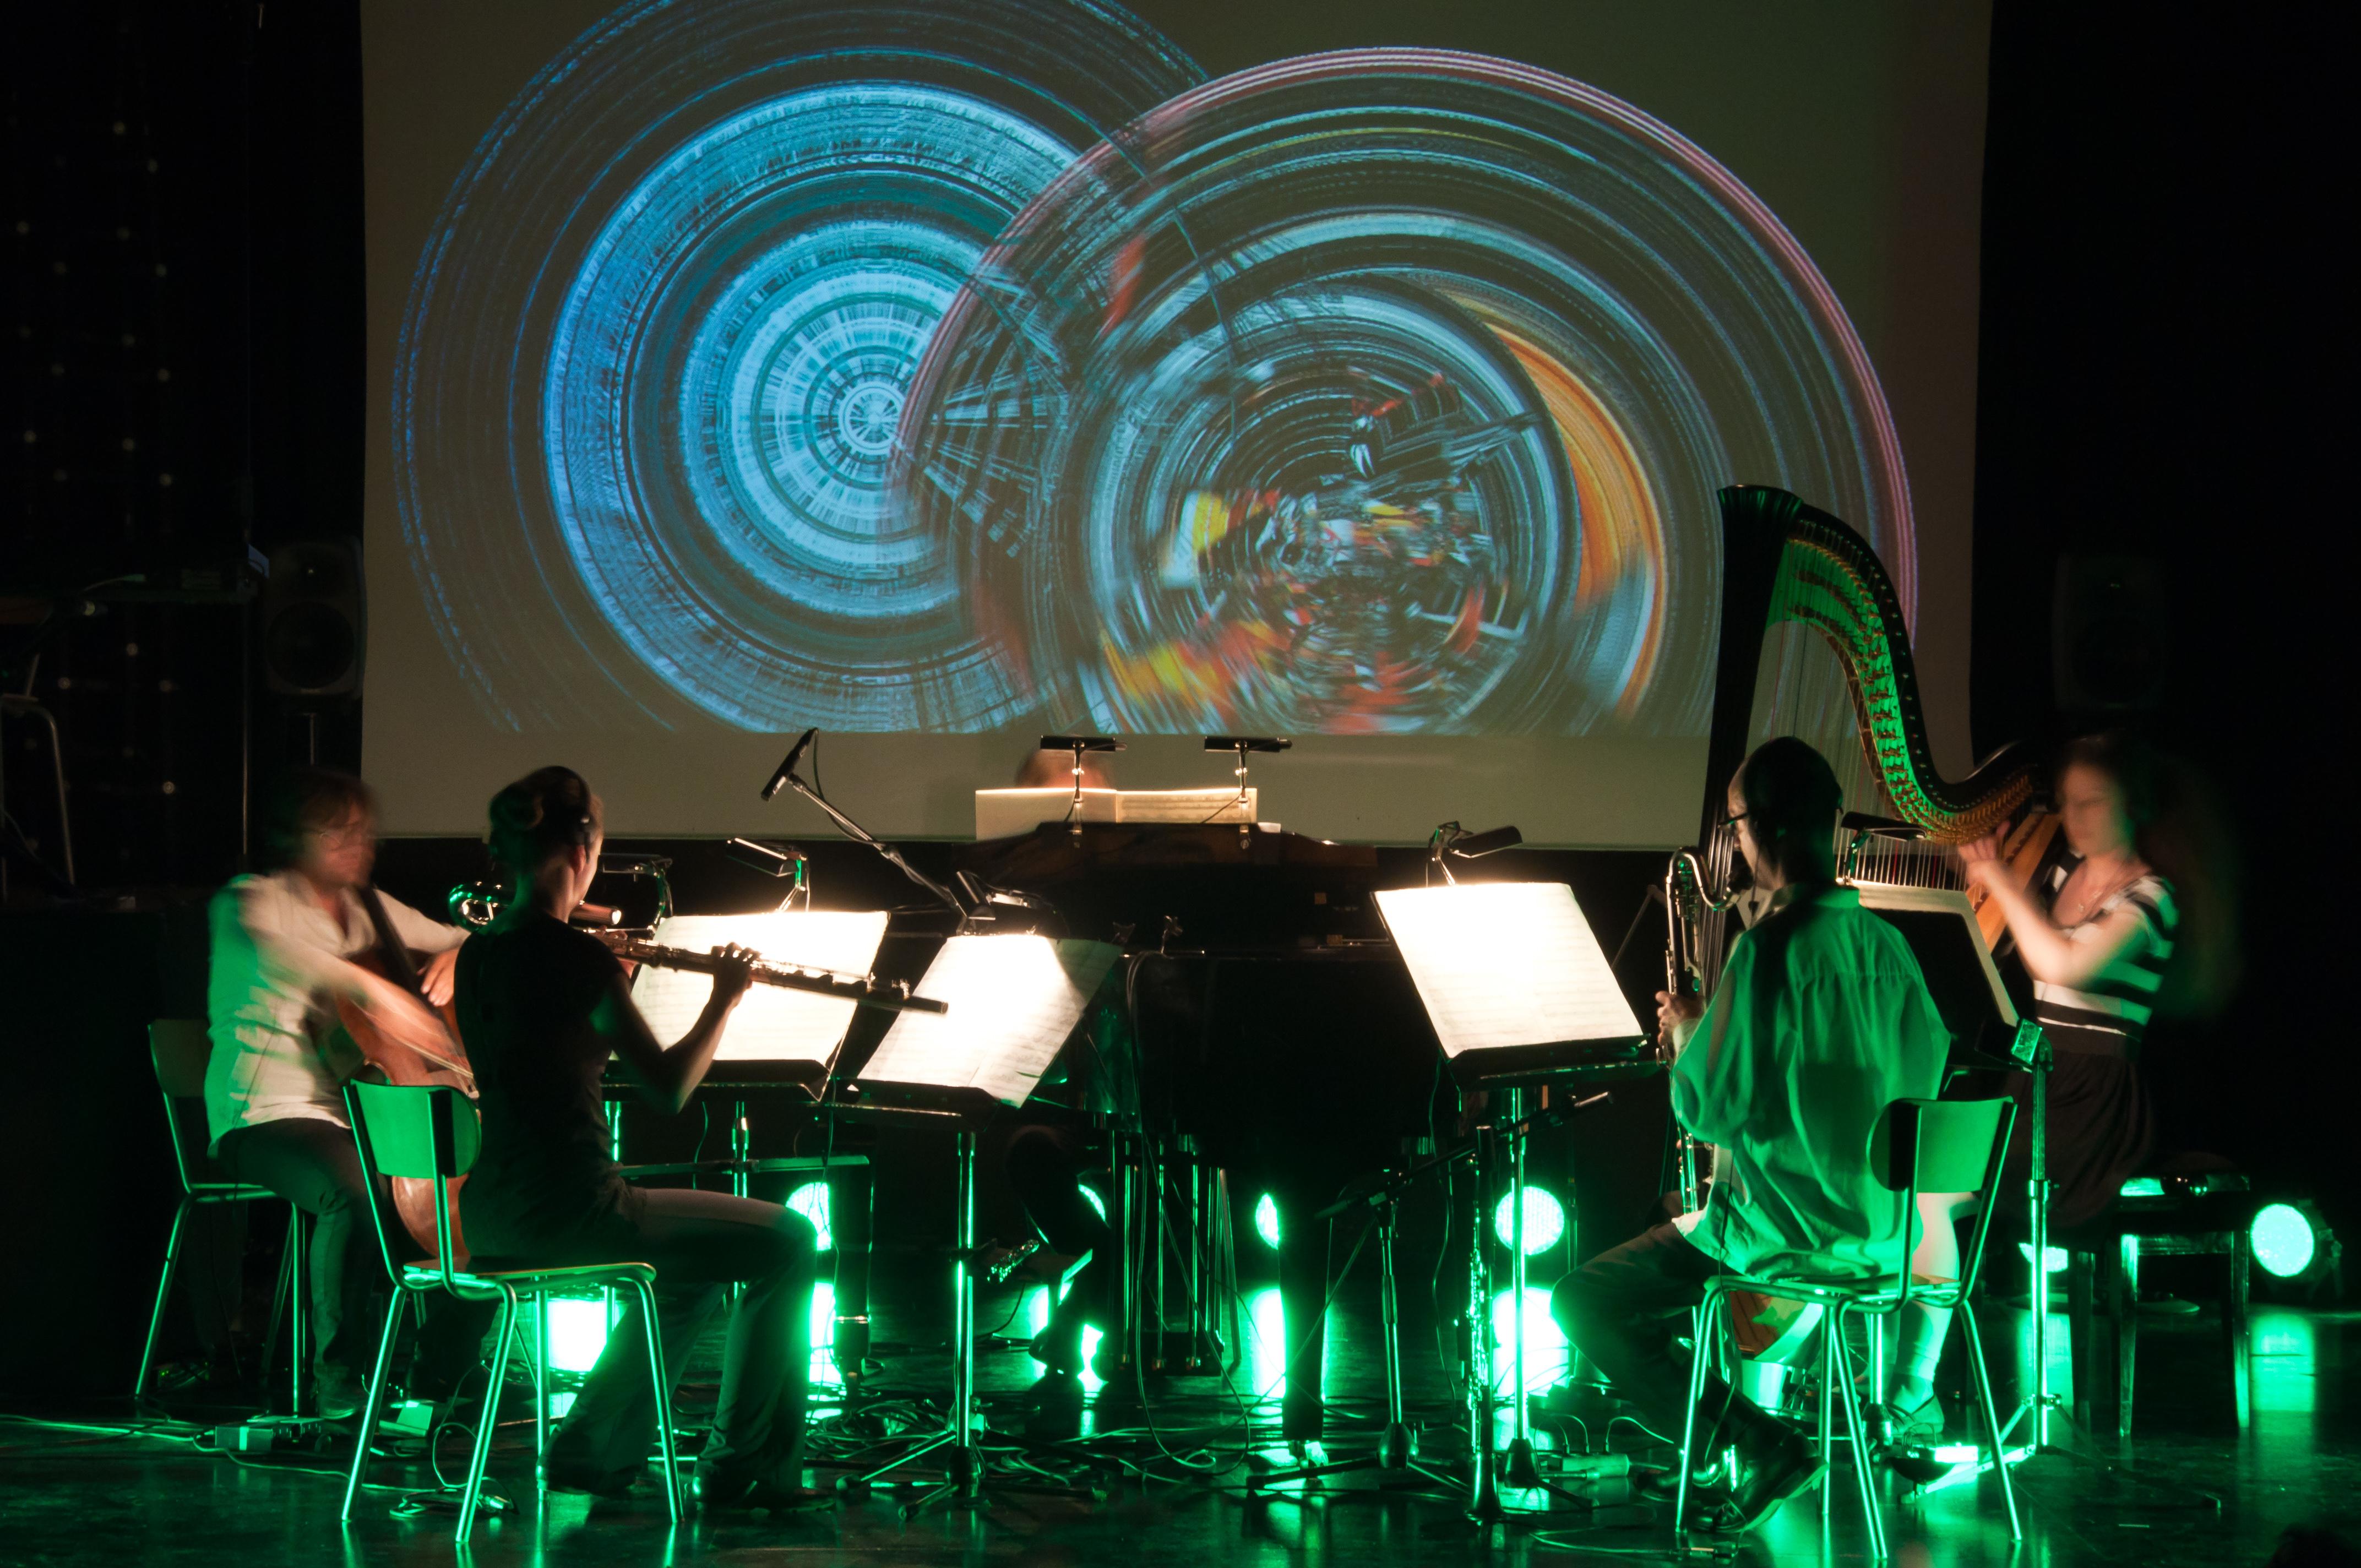 defunensemble_performing-O-copyright-Ville_Mattila